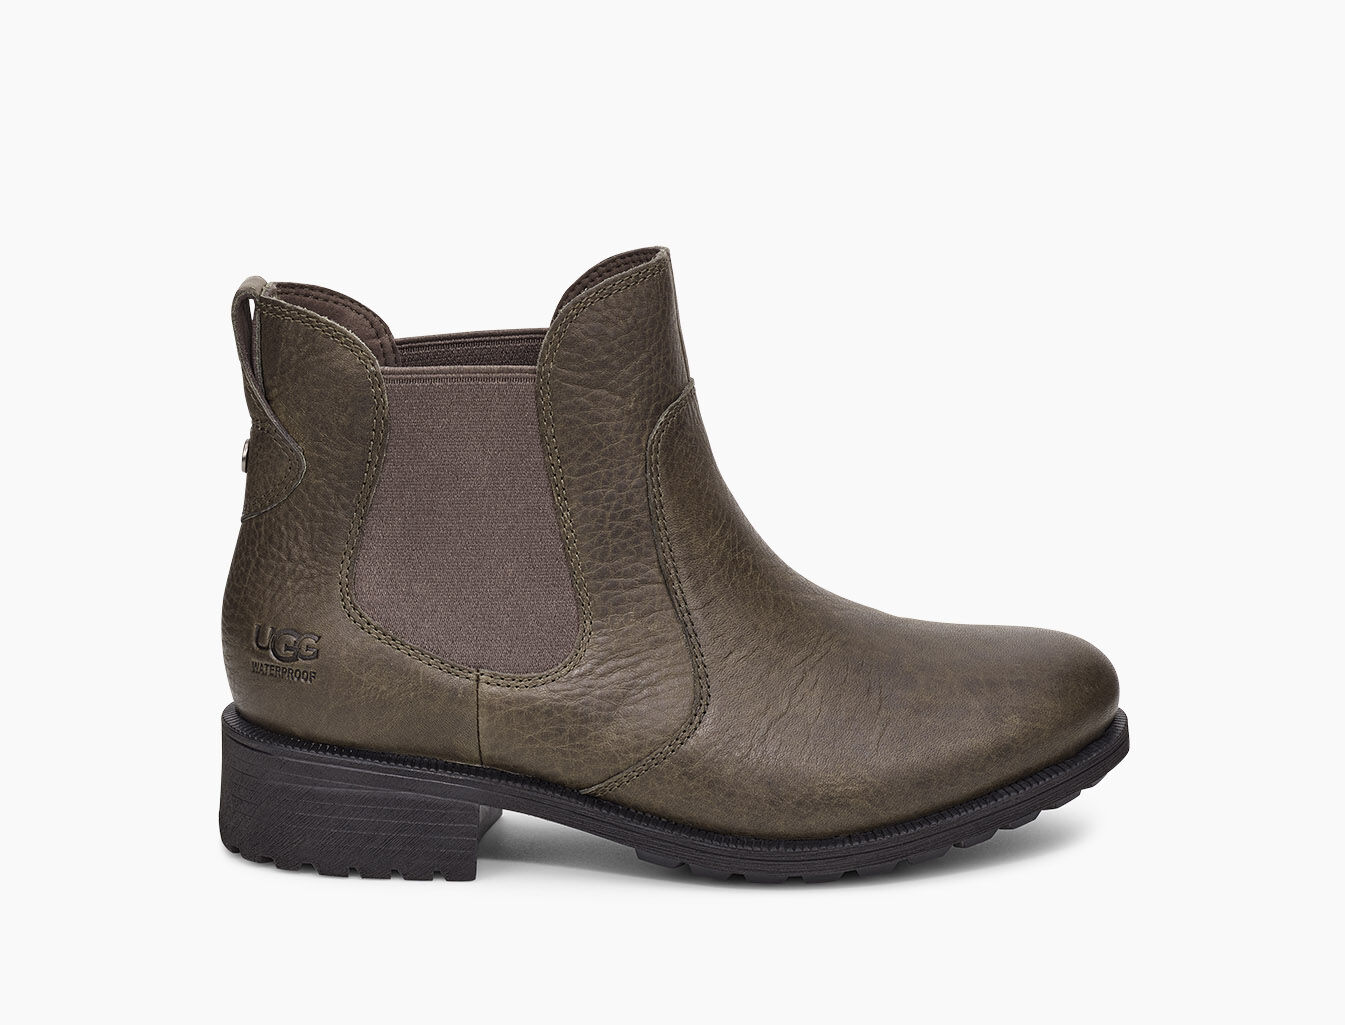 new season ugg boots uk